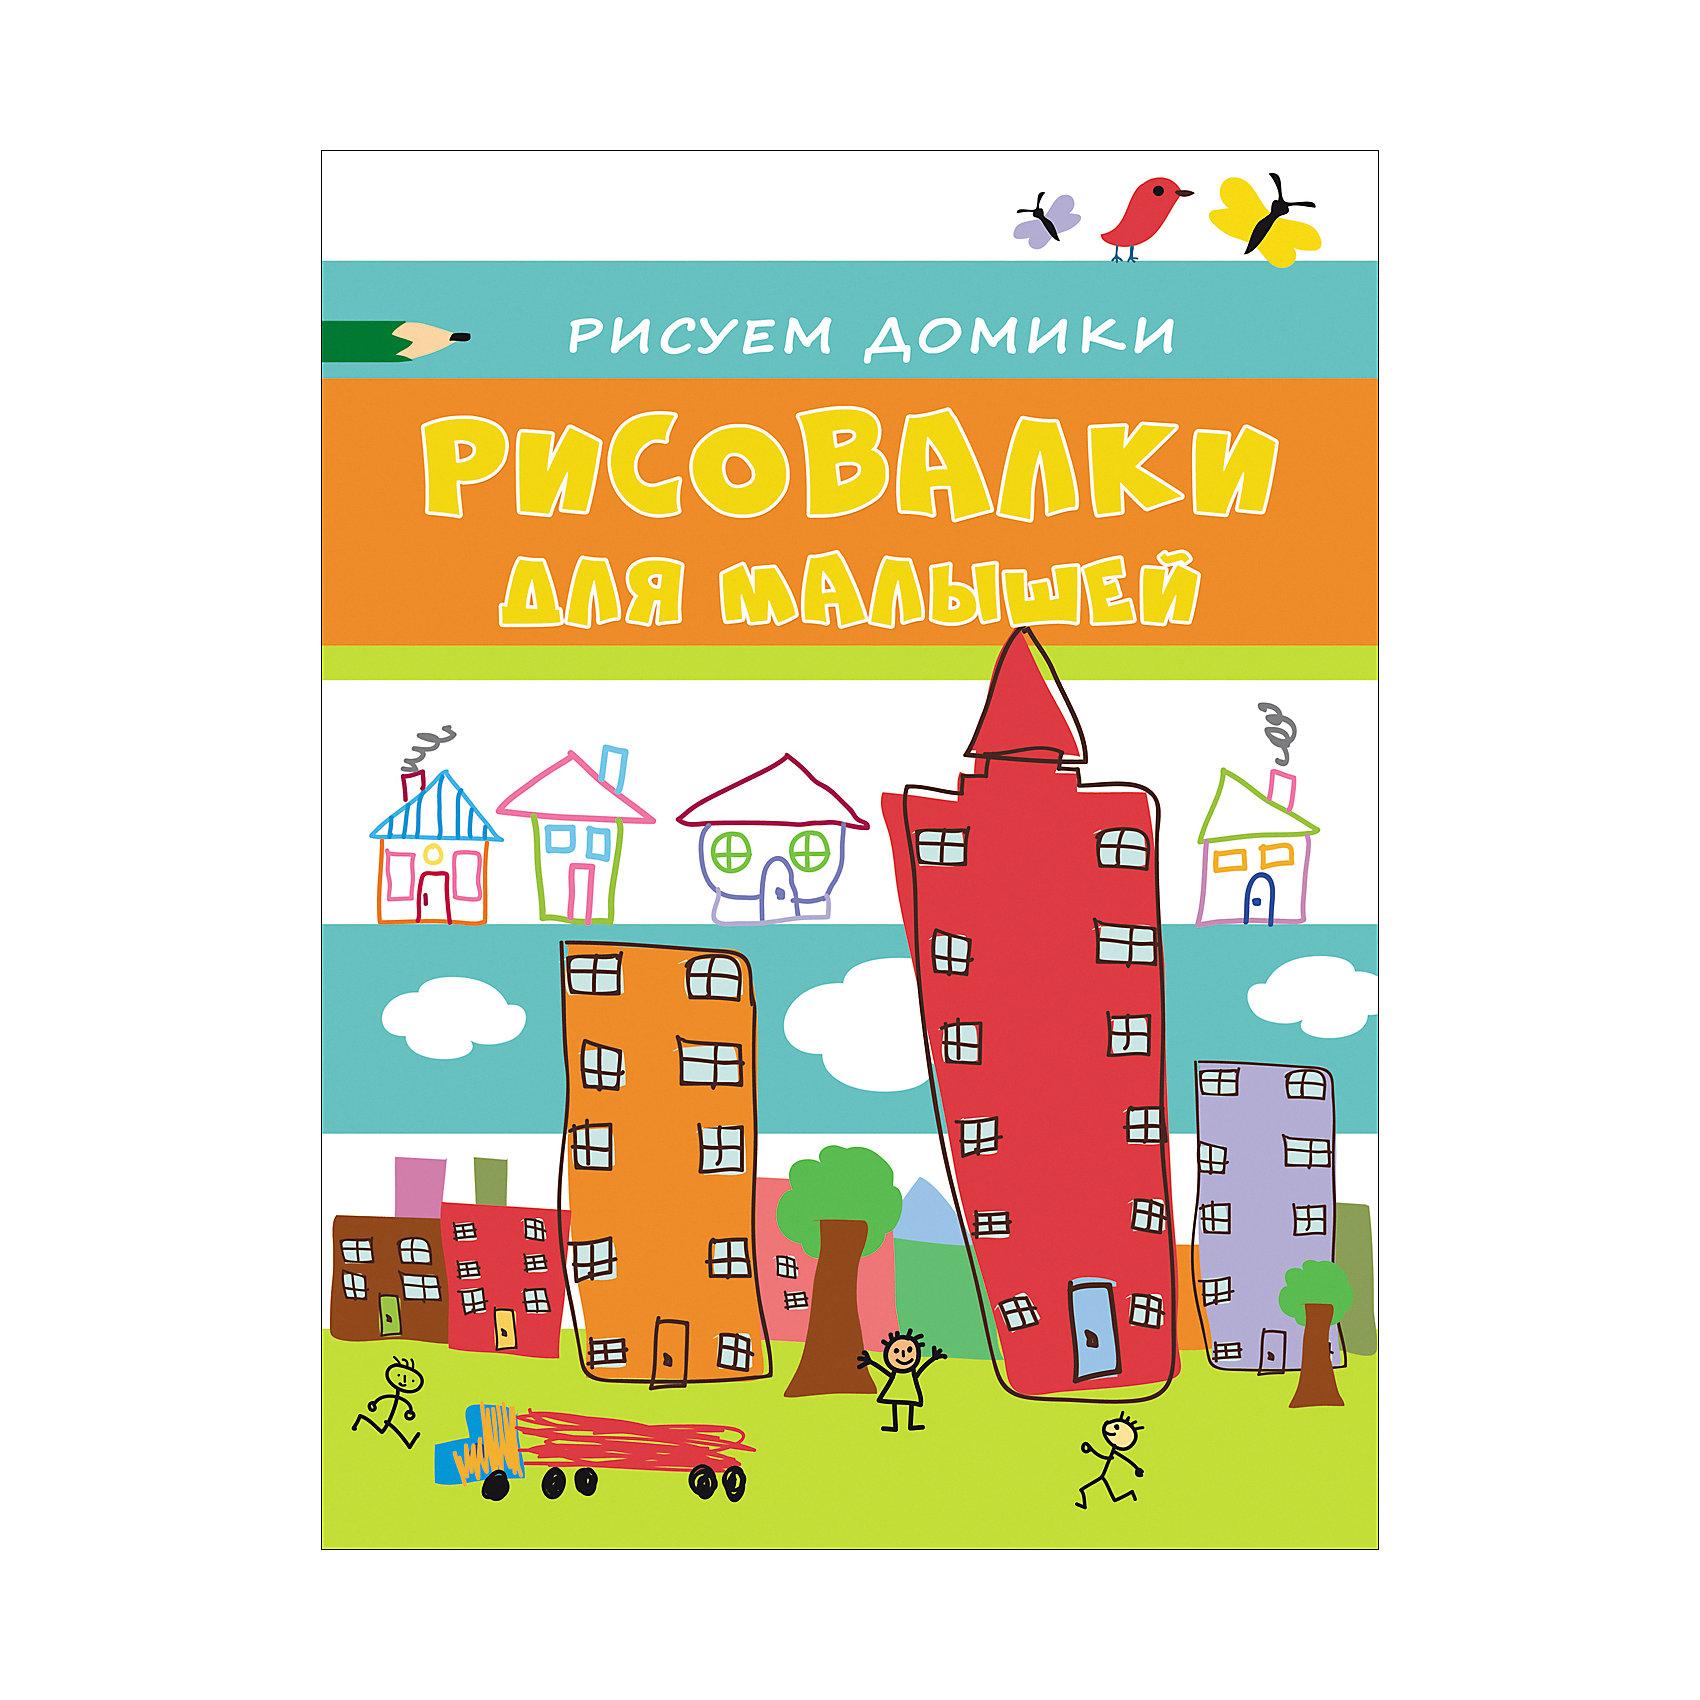 Рисовалки для малышей: рисуем домикиРосмэн<br>Рисовалки для малышей. Рисуем домики<br><br>Характеристики:<br><br>• ISBN: 9785353082286 <br>• Количество страниц: 32<br>• Формат: А4<br>• Обложка: твердая <br>• Материал: картон<br><br>Эта книга учит детей рисовать  - начиная от отдельных элементов и заканчивая общей картинкой. Это необычная раскраска, это настоящий простор для фантазии с легкими заданиями! Рисование развивает мелкую моторику детей и способствует развитию воображения и творческого начала. Это пособие поможет детям обучаться увлекательно и совершенствоваться день ото дня! Прогресс можно проследить от первого до последнего рисунка. <br><br>Рисовалки для малышей. Рисуем домики можно купить в нашем интернет-магазине.<br><br>Ширина мм: 280<br>Глубина мм: 212<br>Высота мм: 20<br>Вес г: 139<br>Возраст от месяцев: -2147483648<br>Возраст до месяцев: 2147483647<br>Пол: Унисекс<br>Возраст: Детский<br>SKU: 5507129